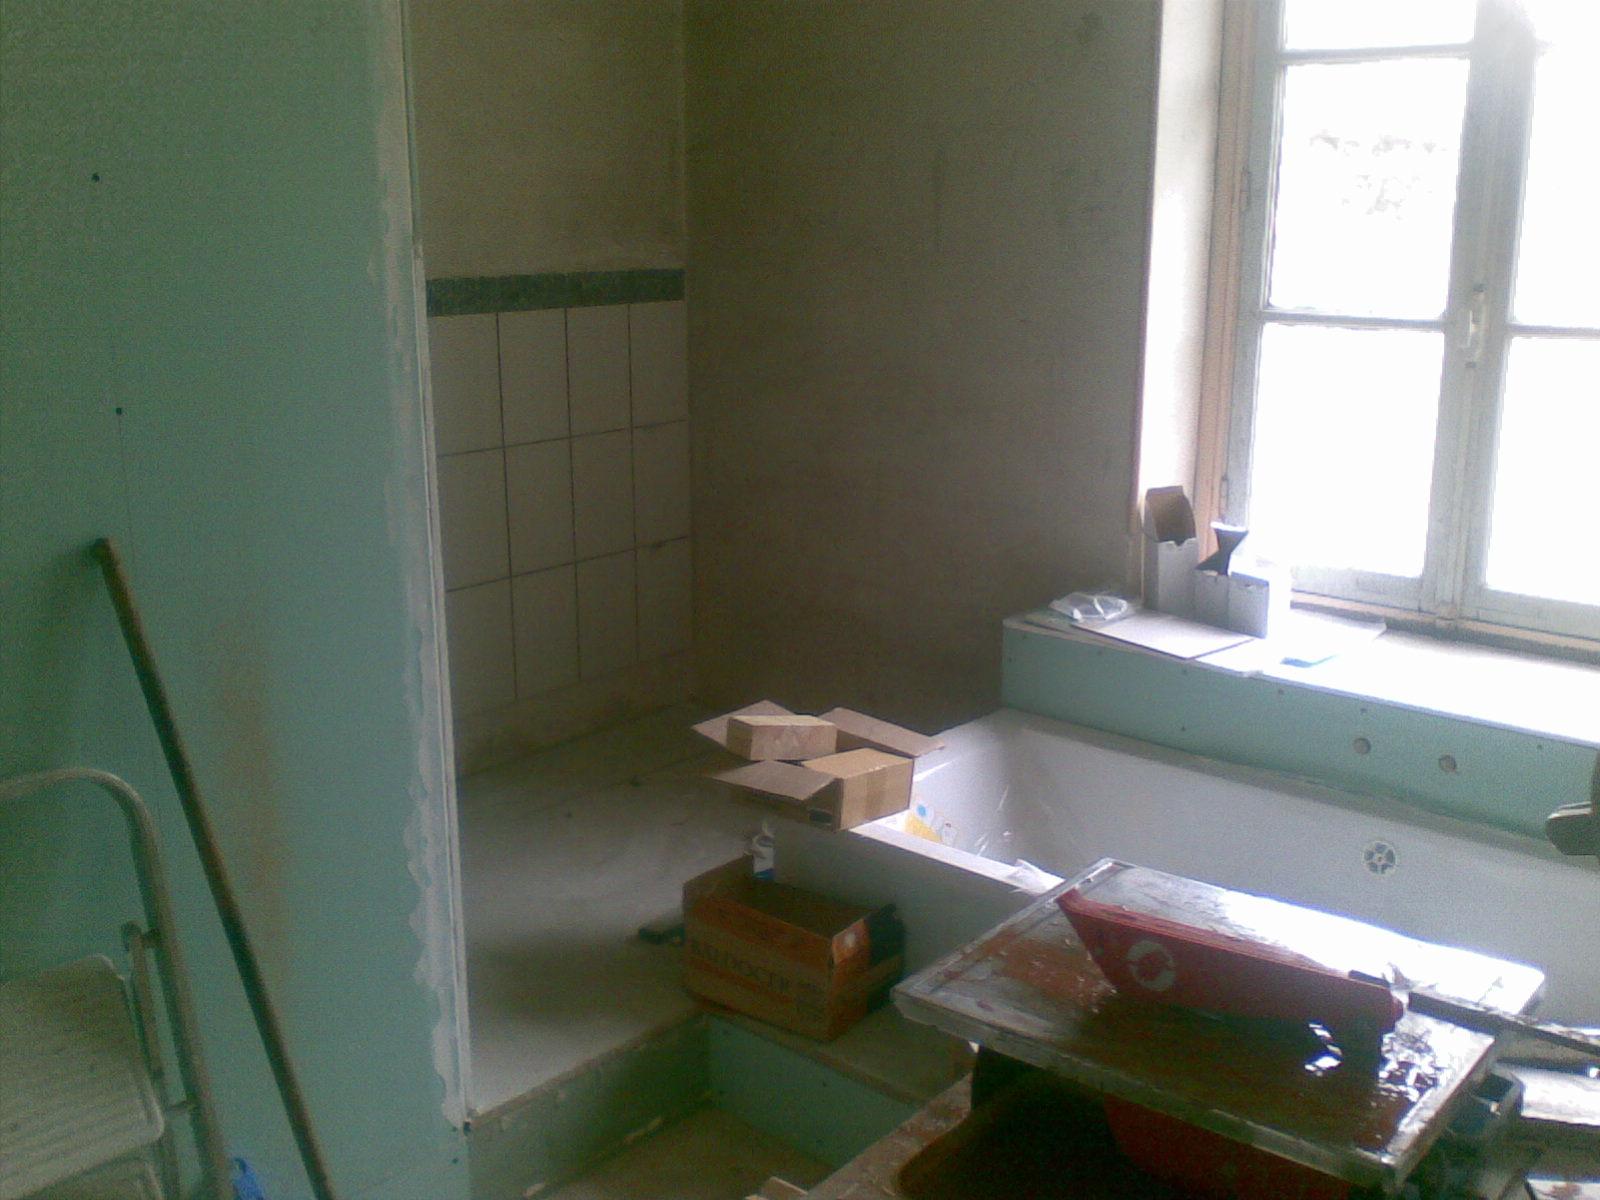 Rénovation maison briarde: création d'une salle de bain